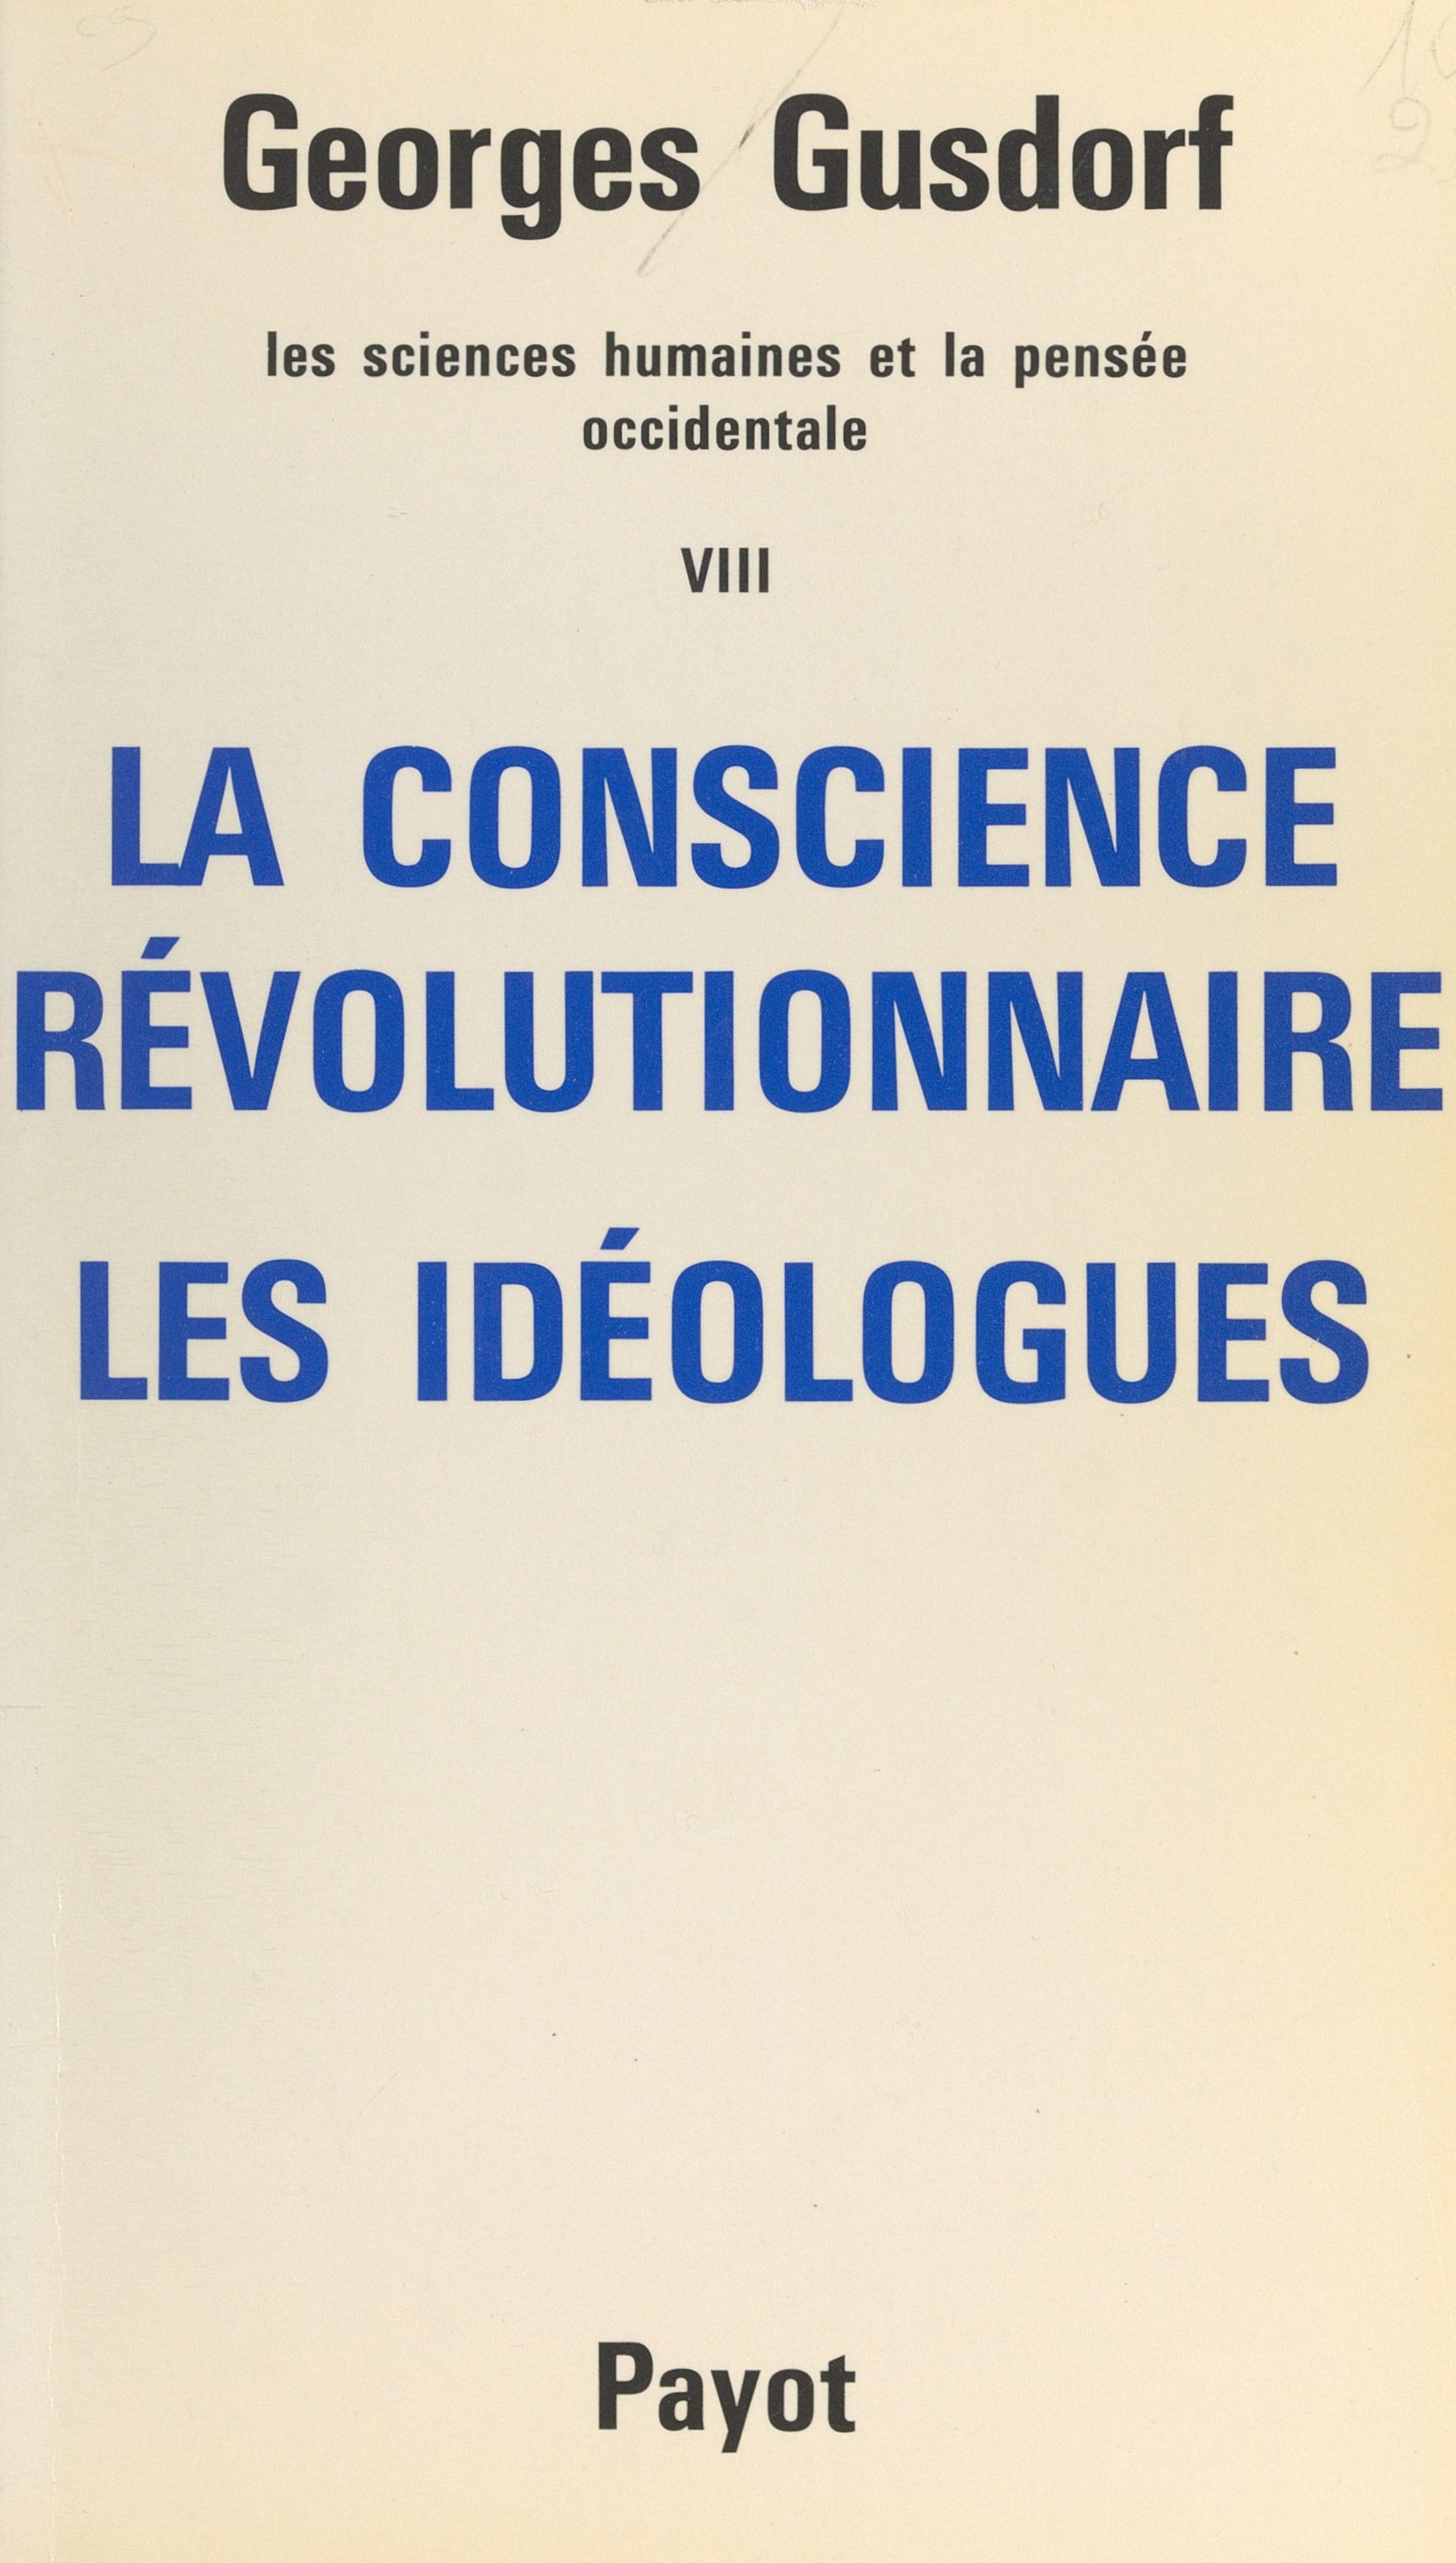 Les sciences humaines et la pensée occidentale (8). La conscience révolutionnaire, les idéologues